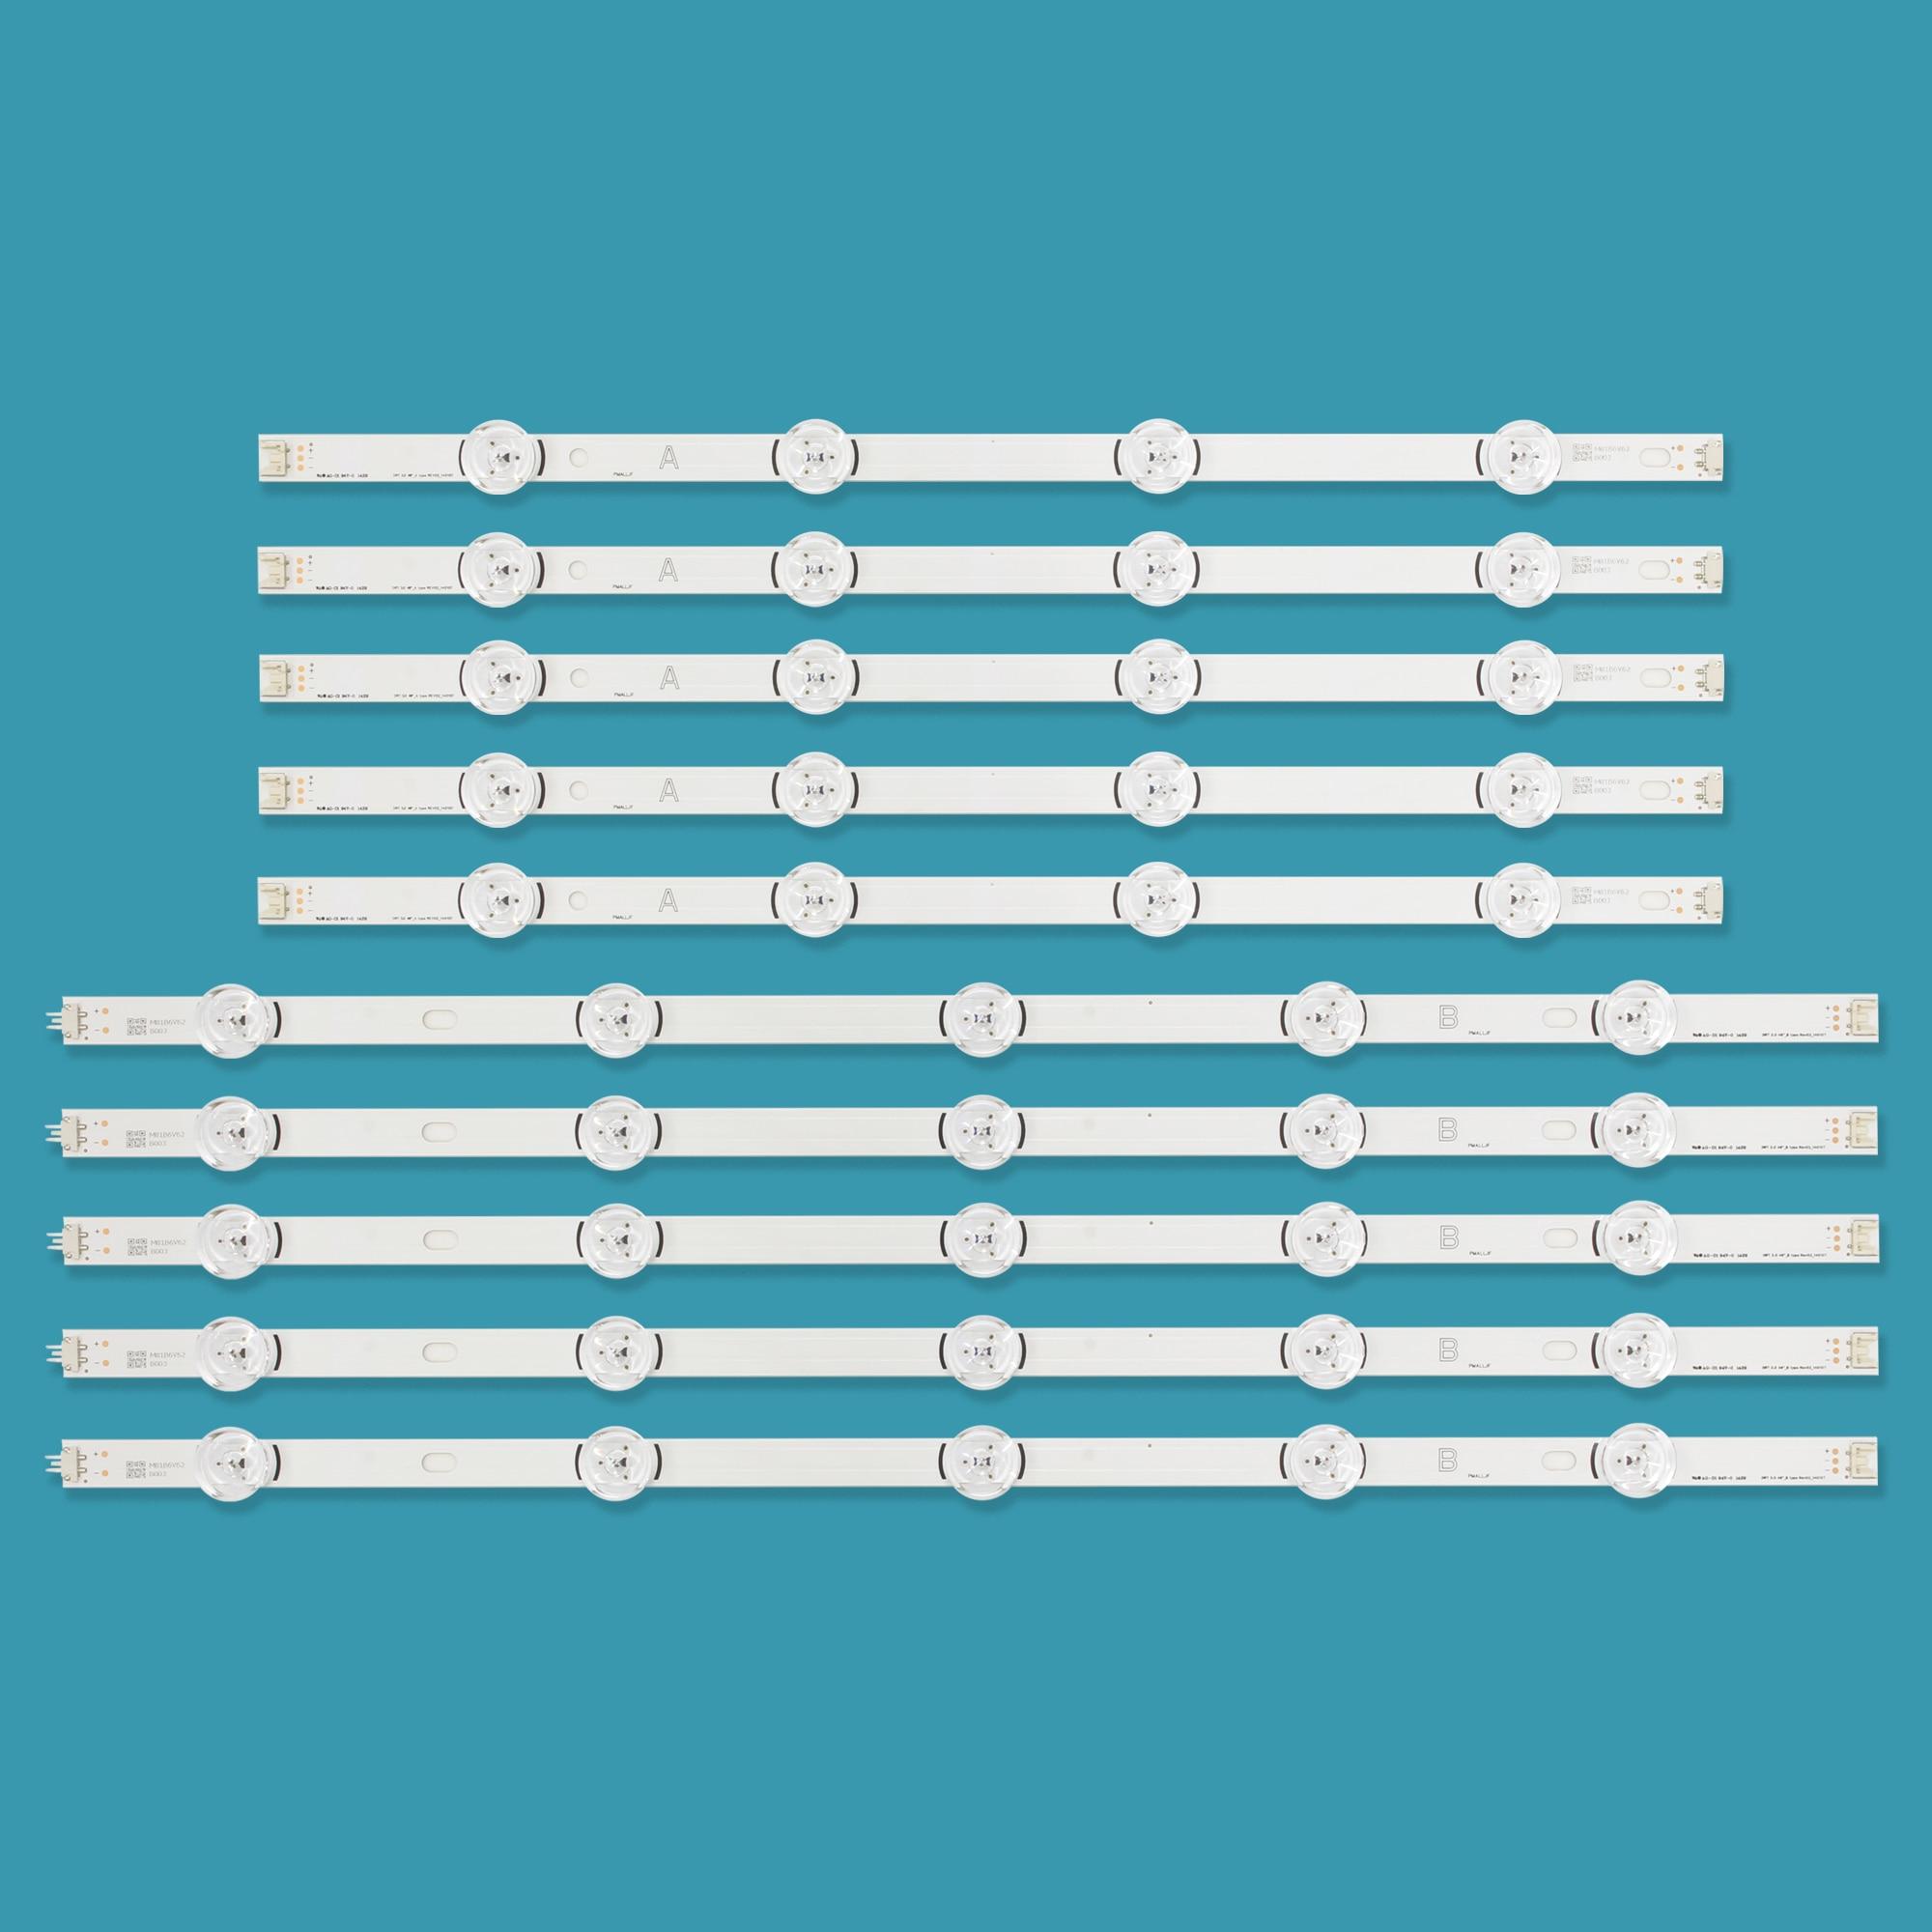 1025 мм светодиодный Подсветка подсветка полосы 9 светодиодный s  для LG 49LB620V Innotek DRT 3,0 49 A B 49LB552 49LB629V 6916l 1788A  1789A 49LF620V 49UF6430Промышленный компьютер и аксессуары   -